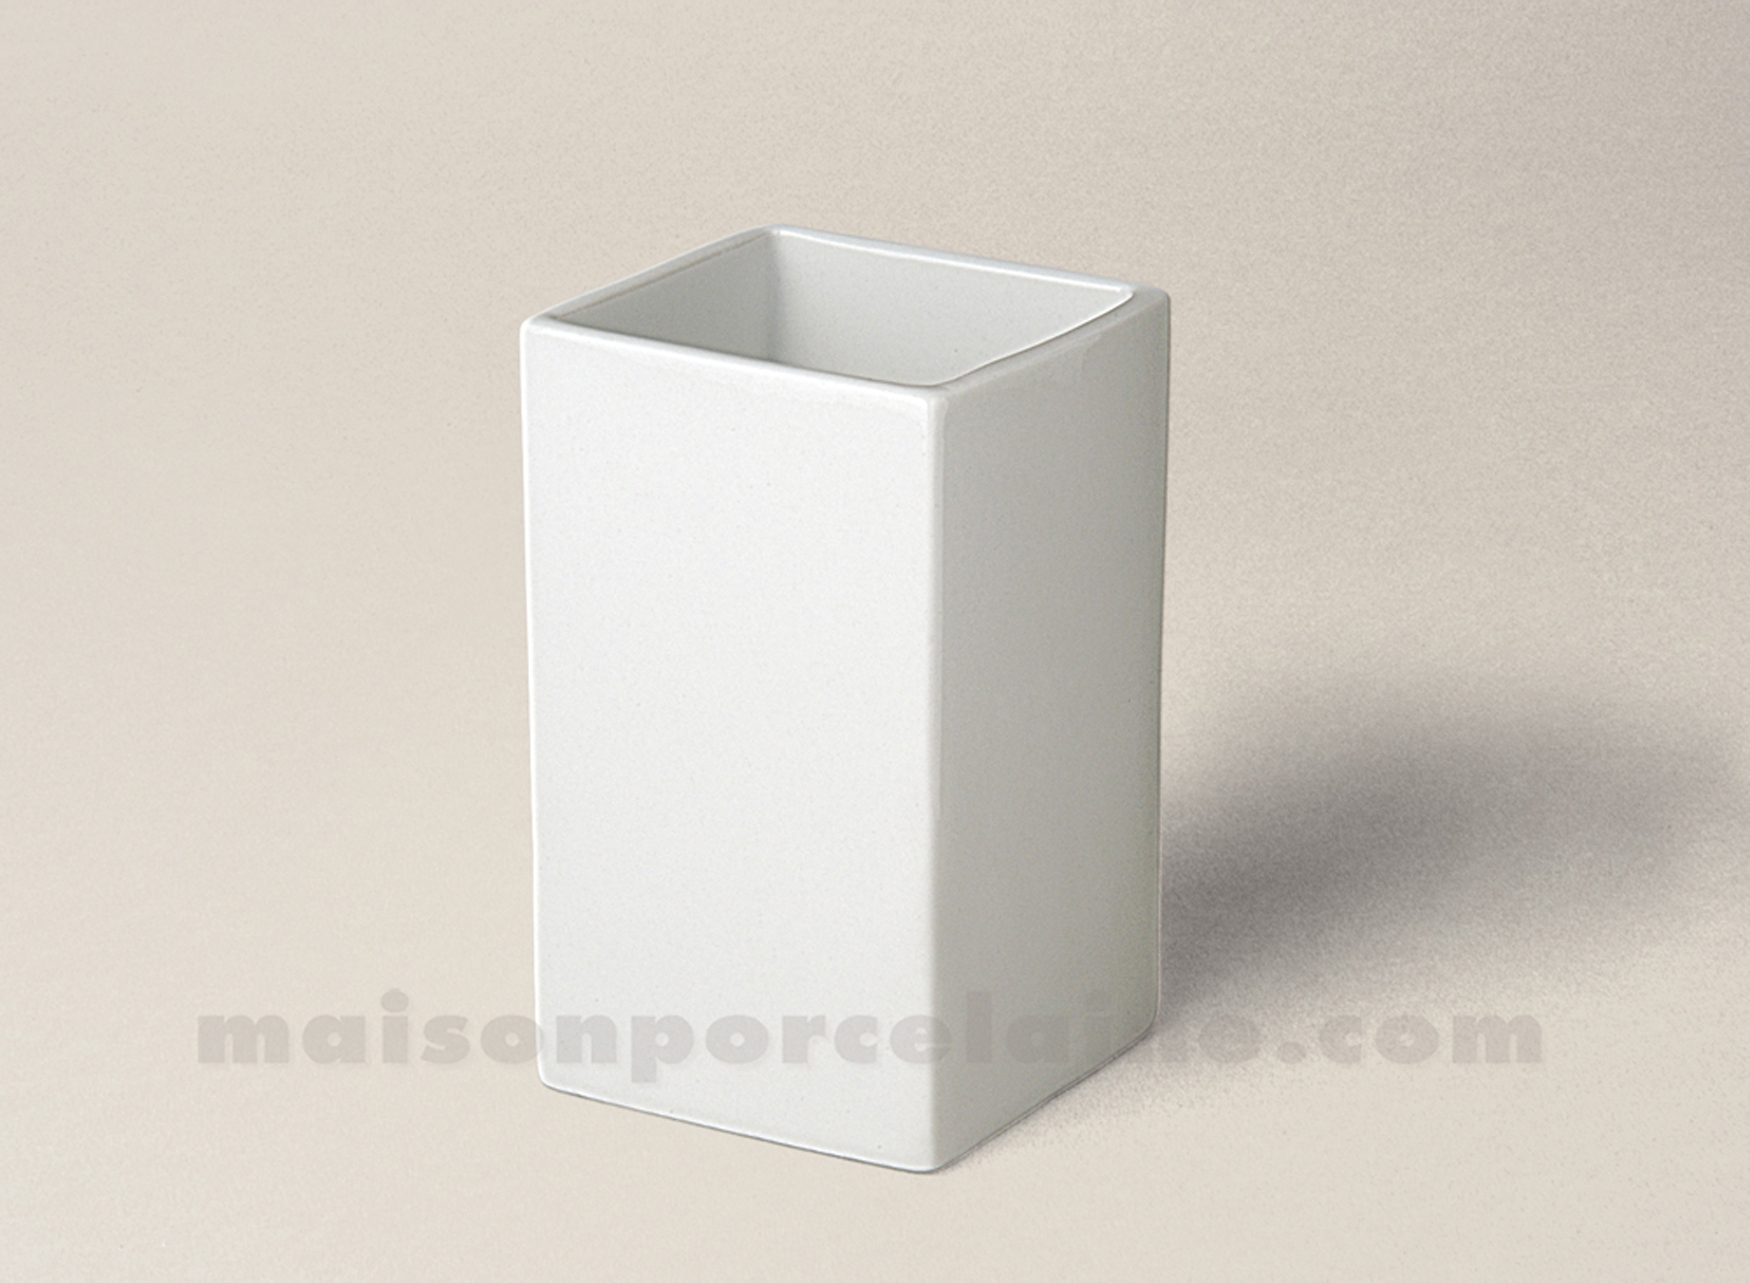 verre a dents porcelaine blanche carre ming 10x6 maison de la porcelaine. Black Bedroom Furniture Sets. Home Design Ideas